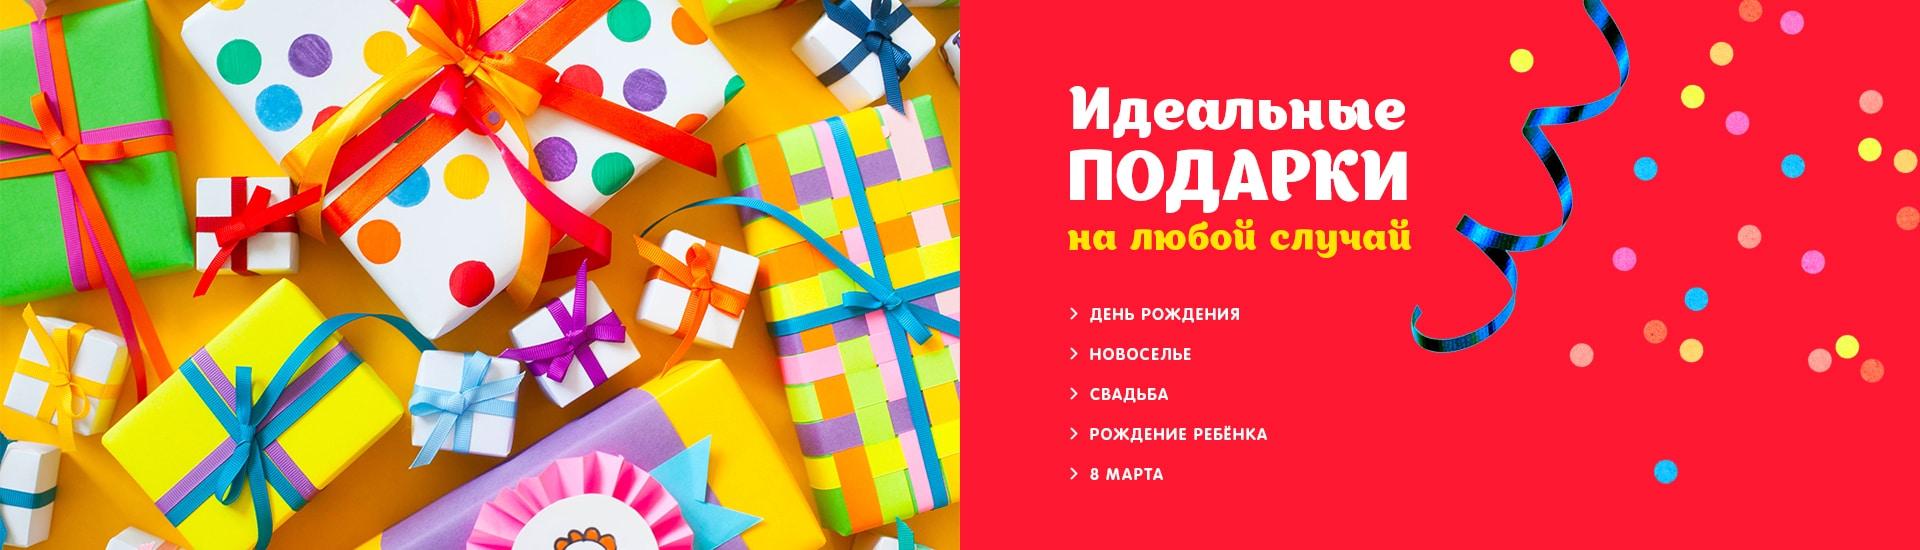 Подарки на событие